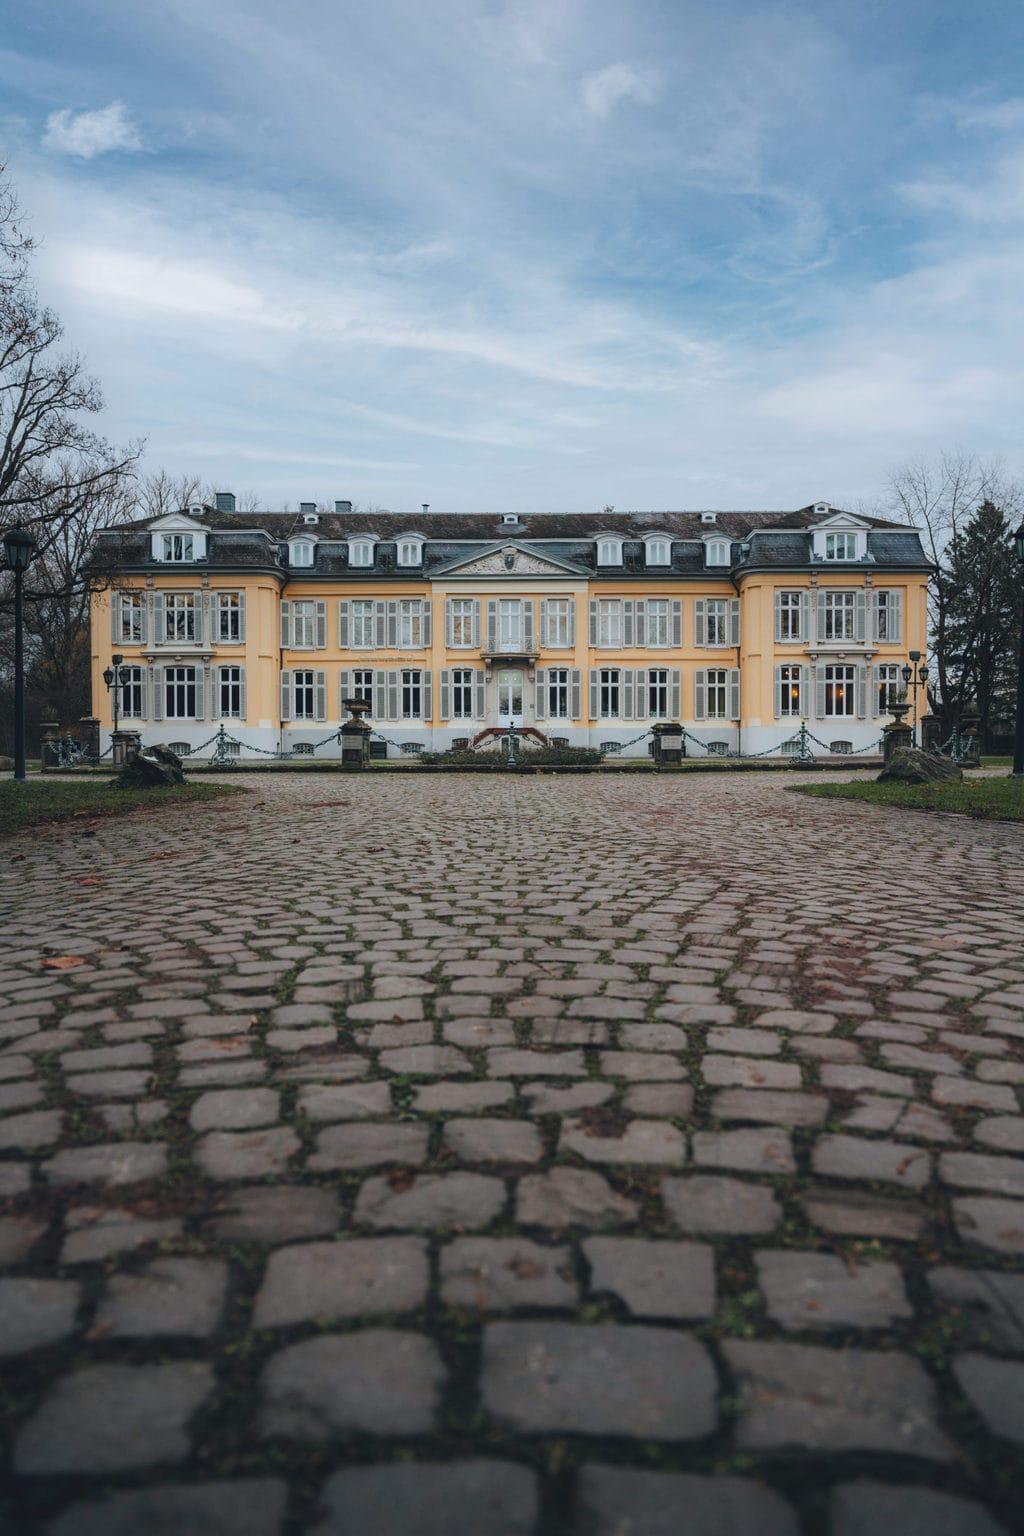 Museum Morsbroich in de Duitse stad Leverkusen is het eindpunt van de fietsroute Beuys & Bike